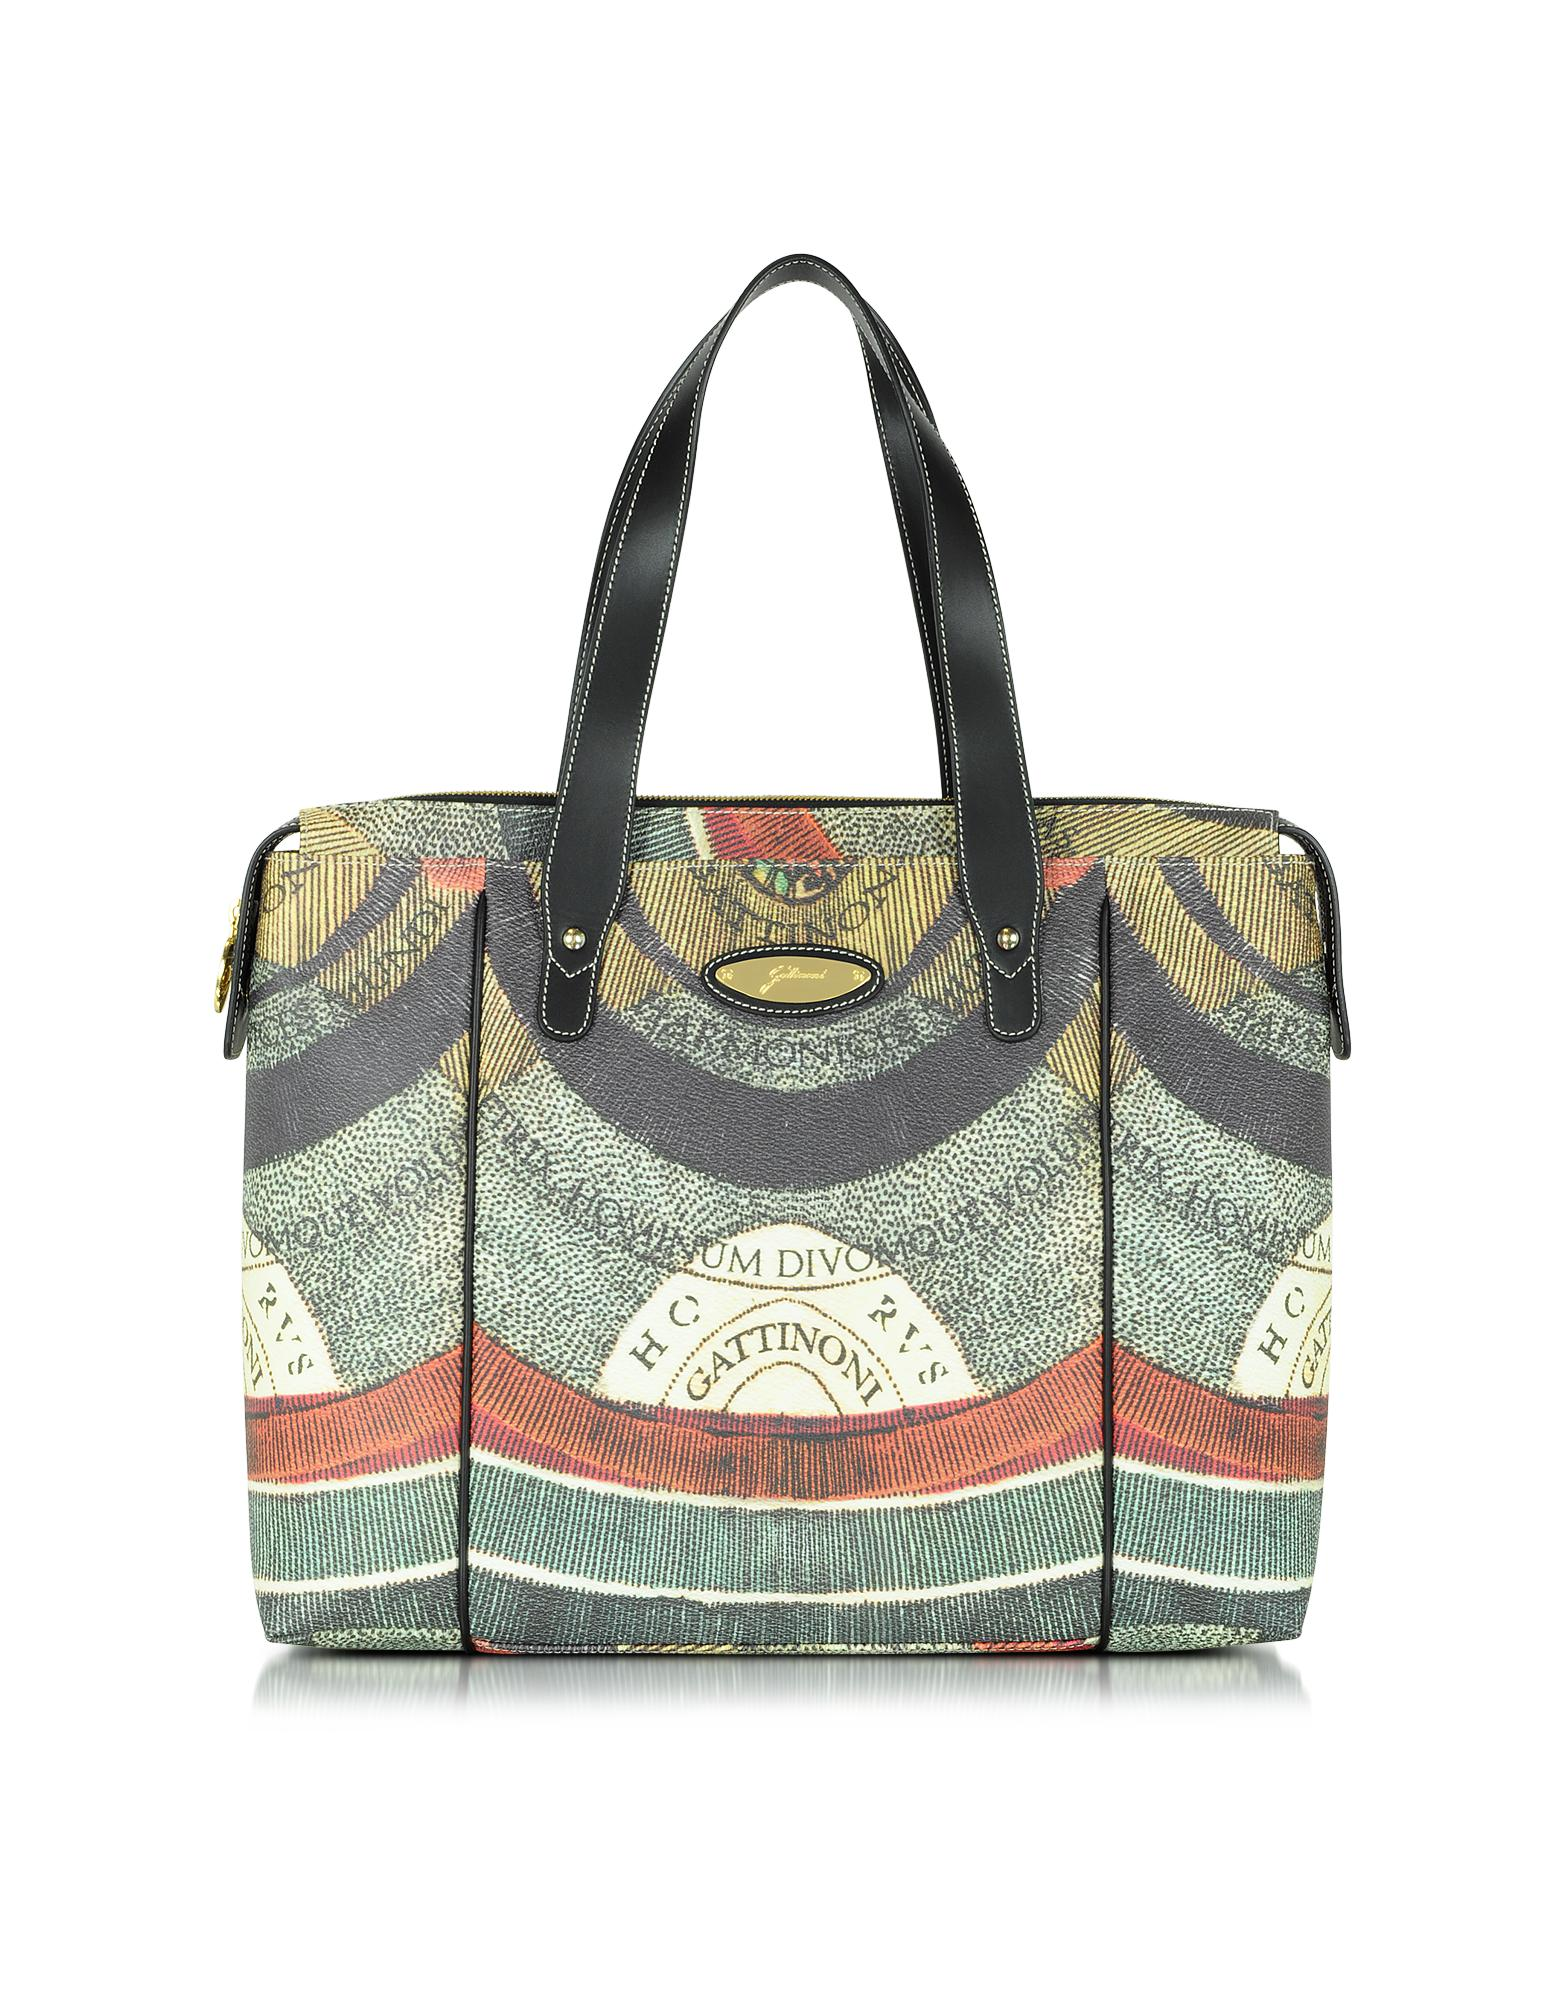 designer taschen handtaschen bei forzieri online bestellen. Black Bedroom Furniture Sets. Home Design Ideas